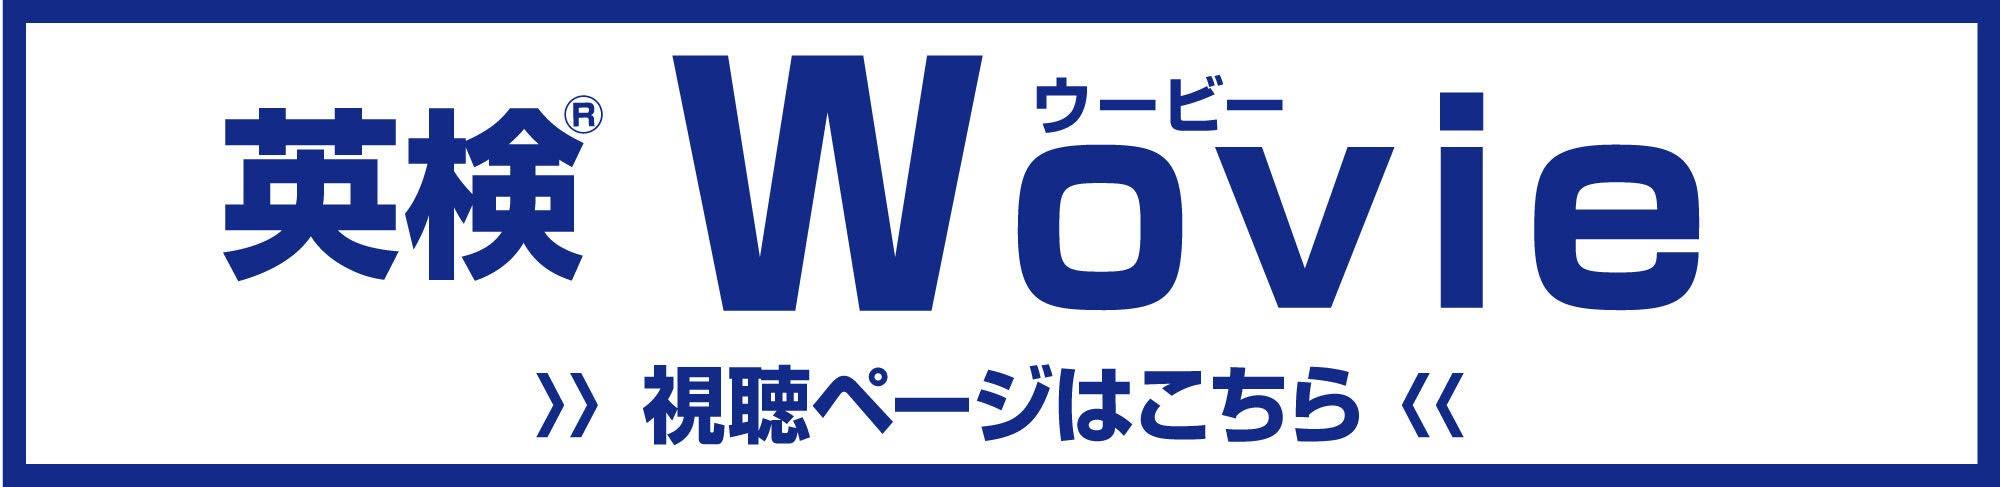 英検 Wovie